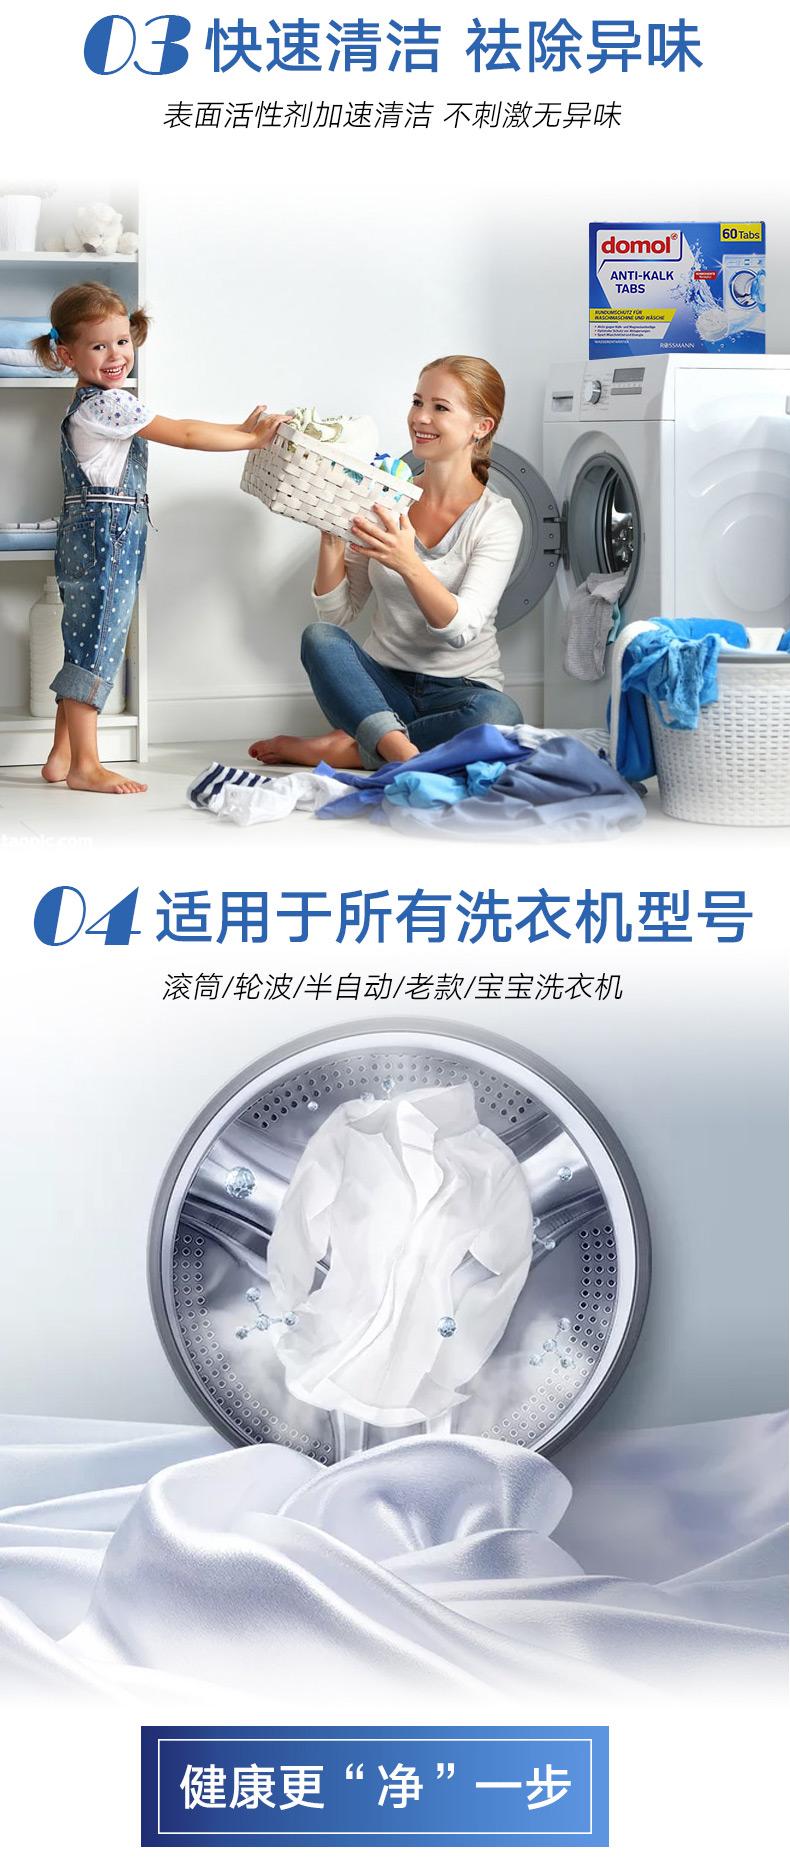 【洗衣机深度清洁】德国Domol洗衣机泡腾片60片 去污和软化水质